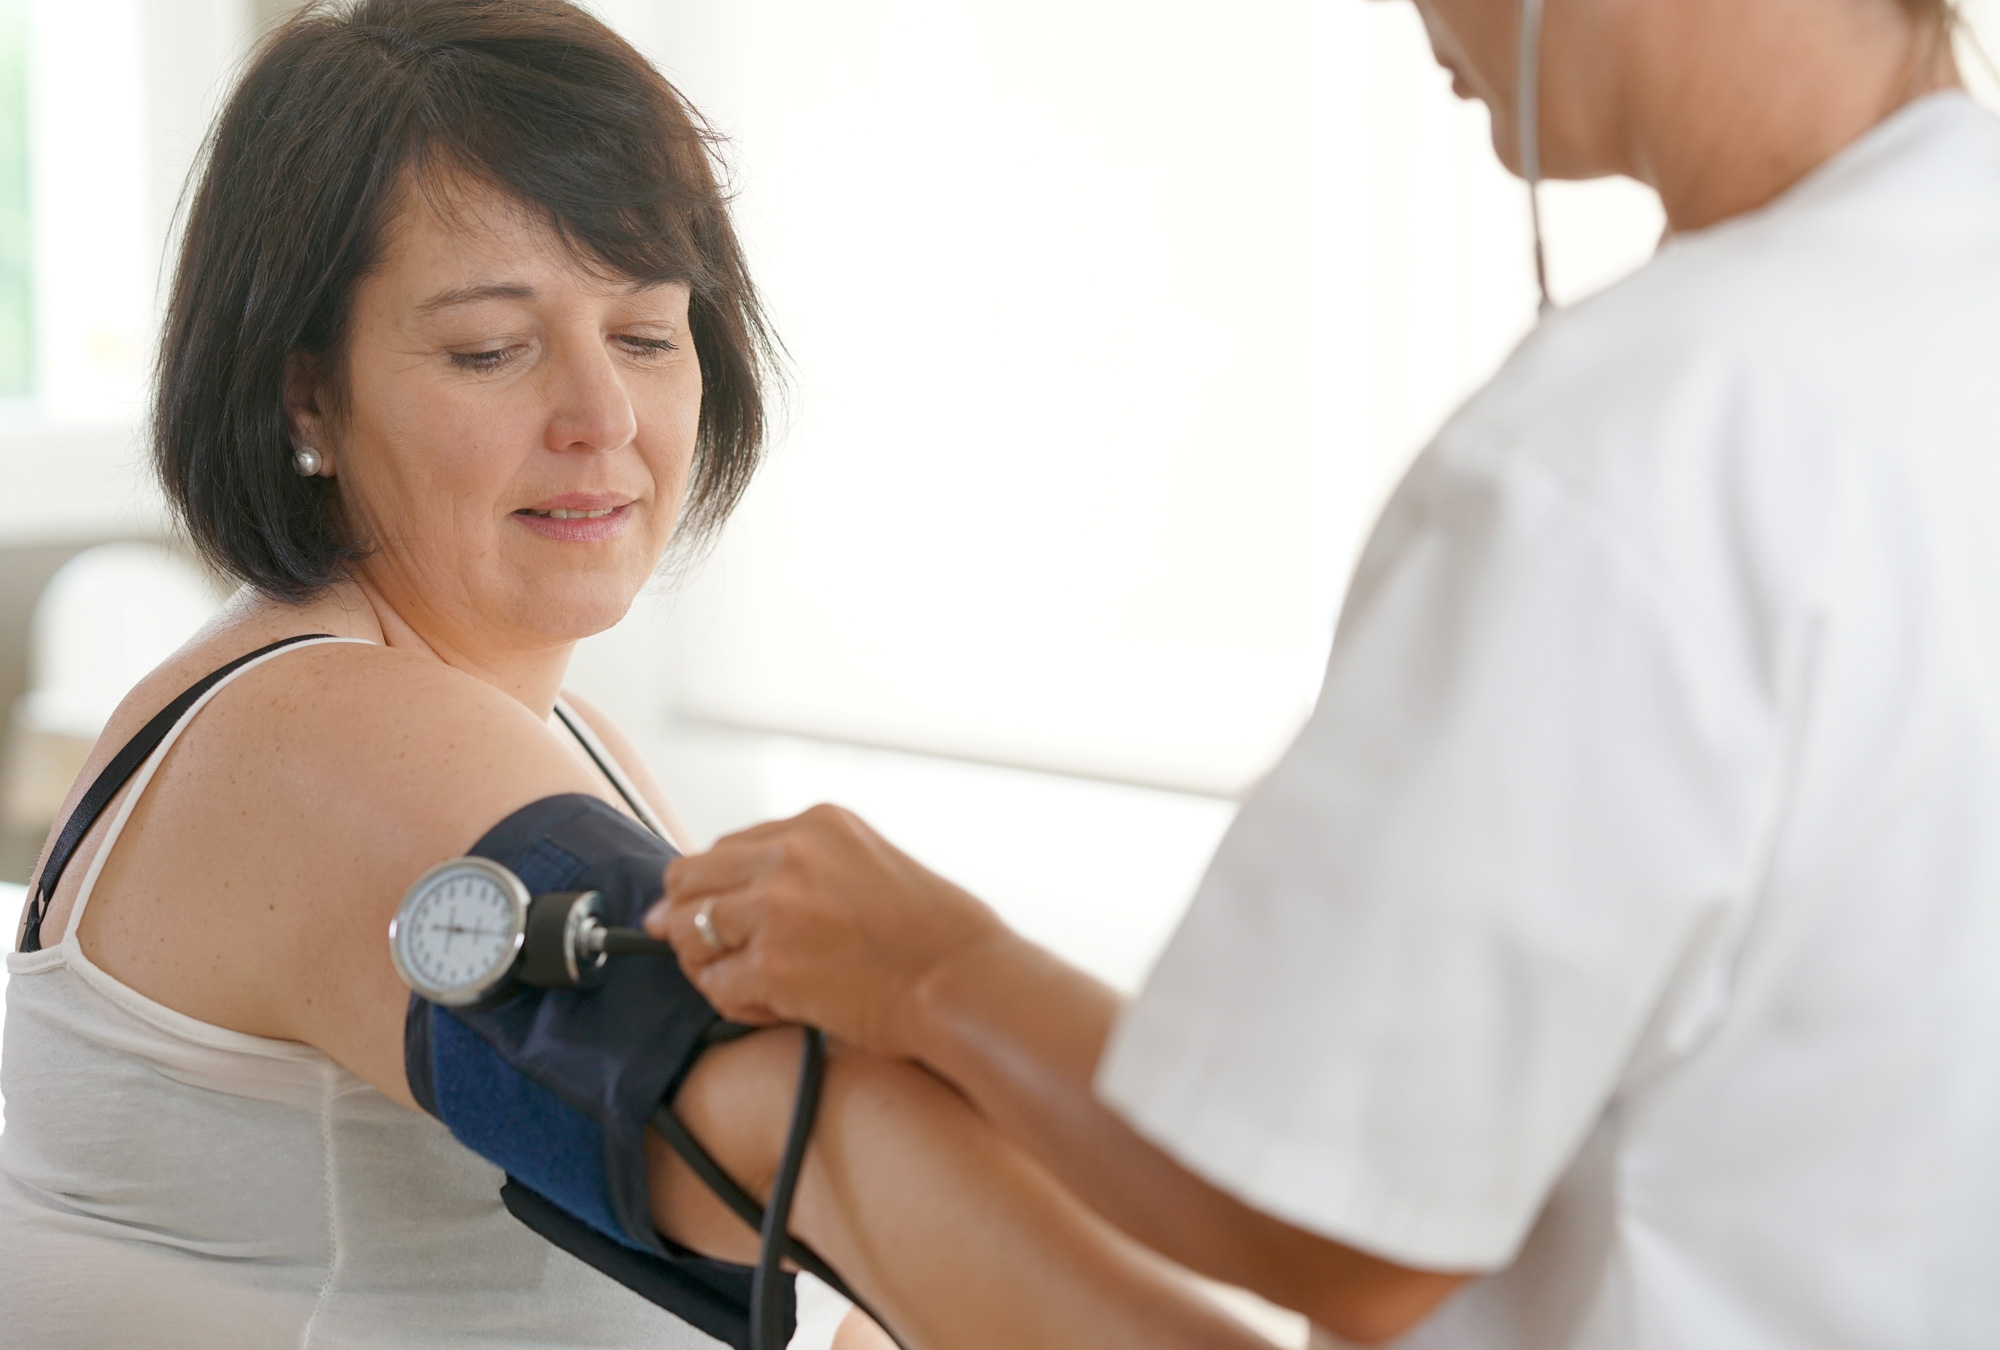 Woman getting her blood pressure measured